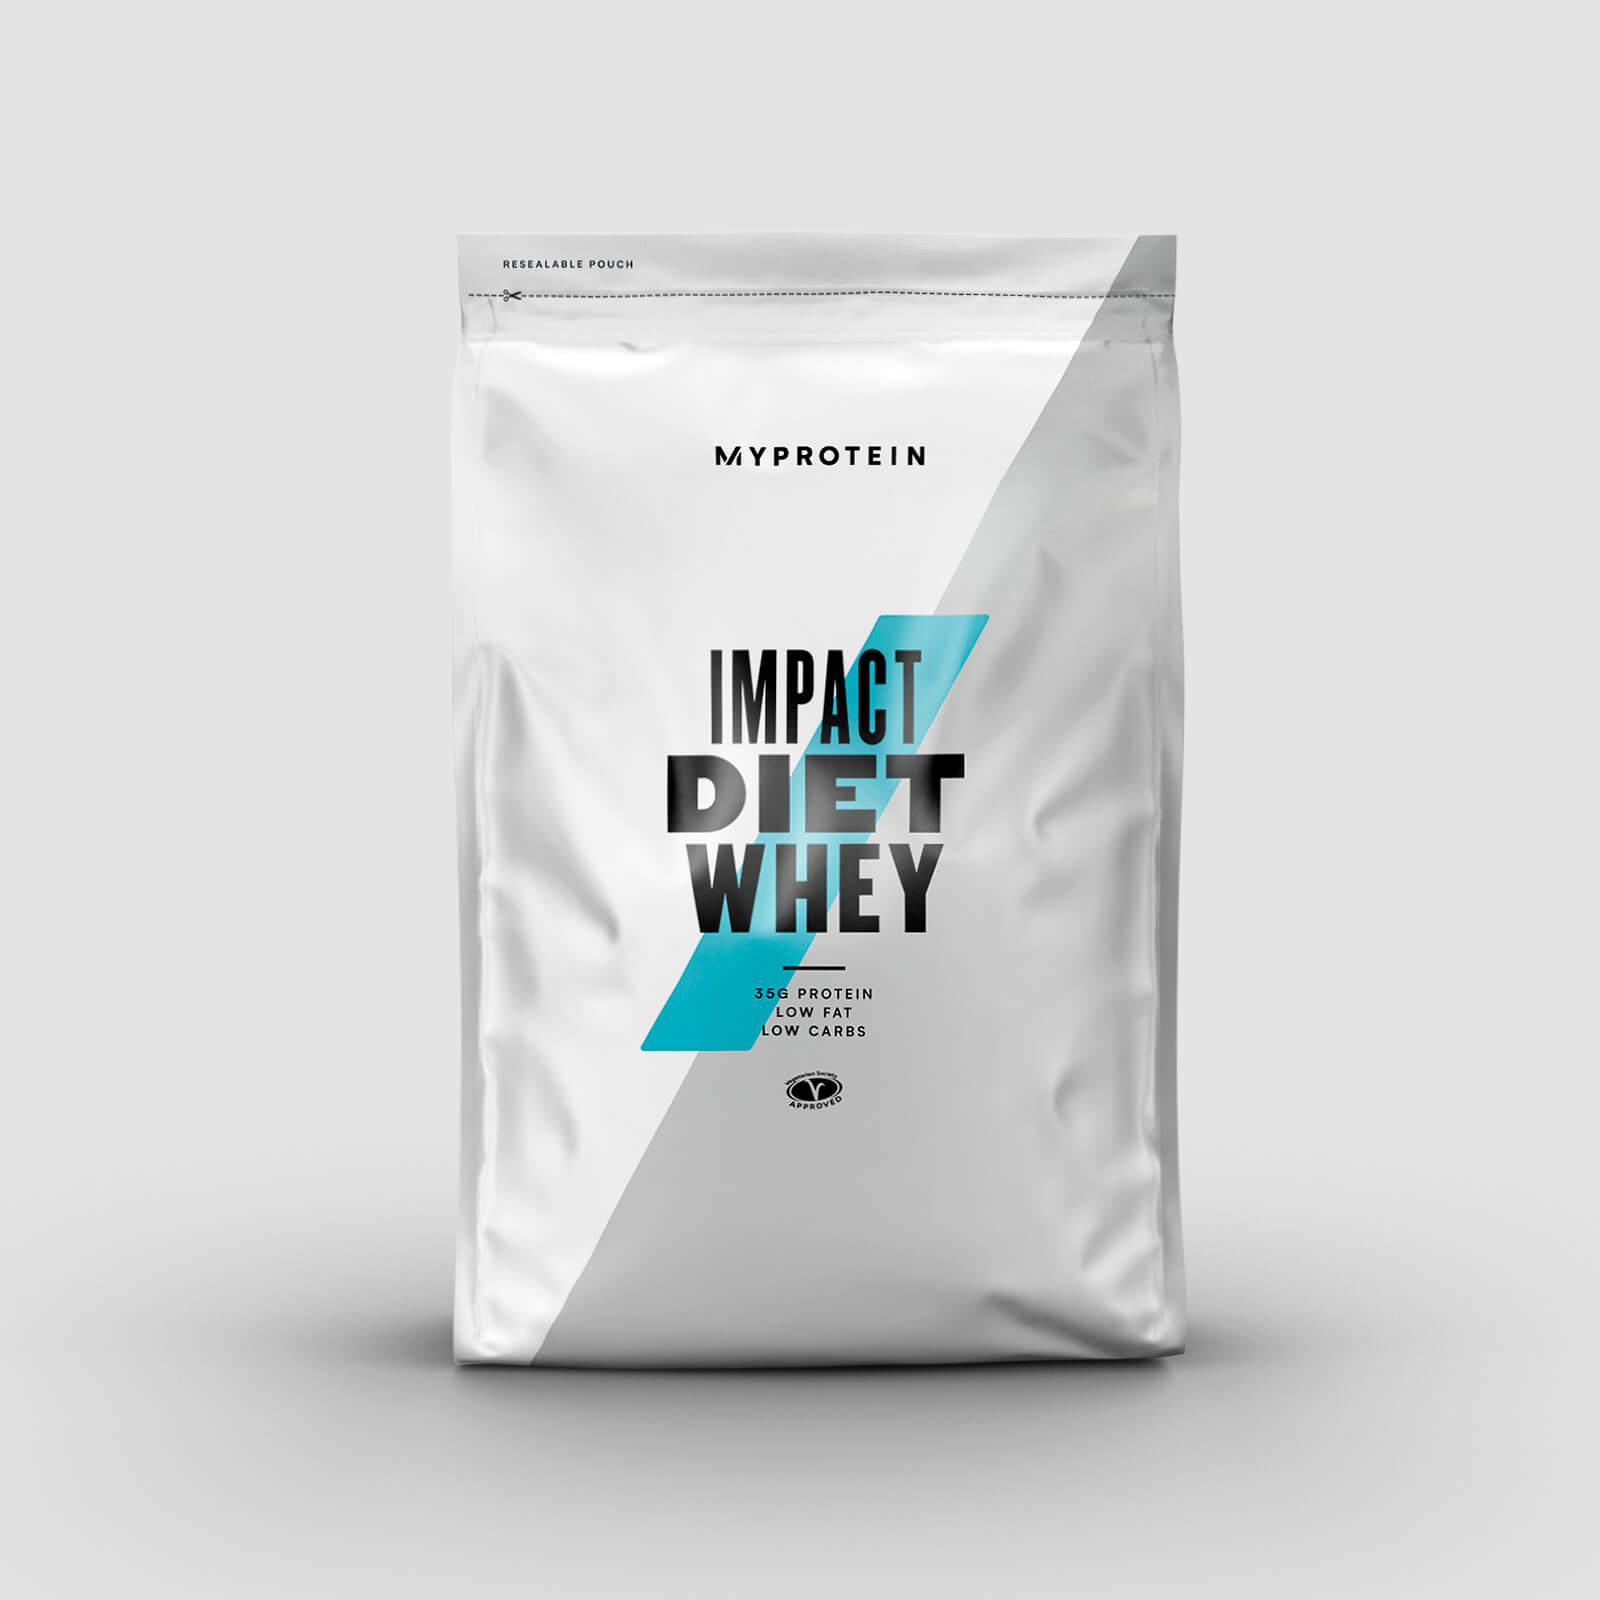 Myprotein Impact Diet Whey - 2.5kg - Cookies & Cream